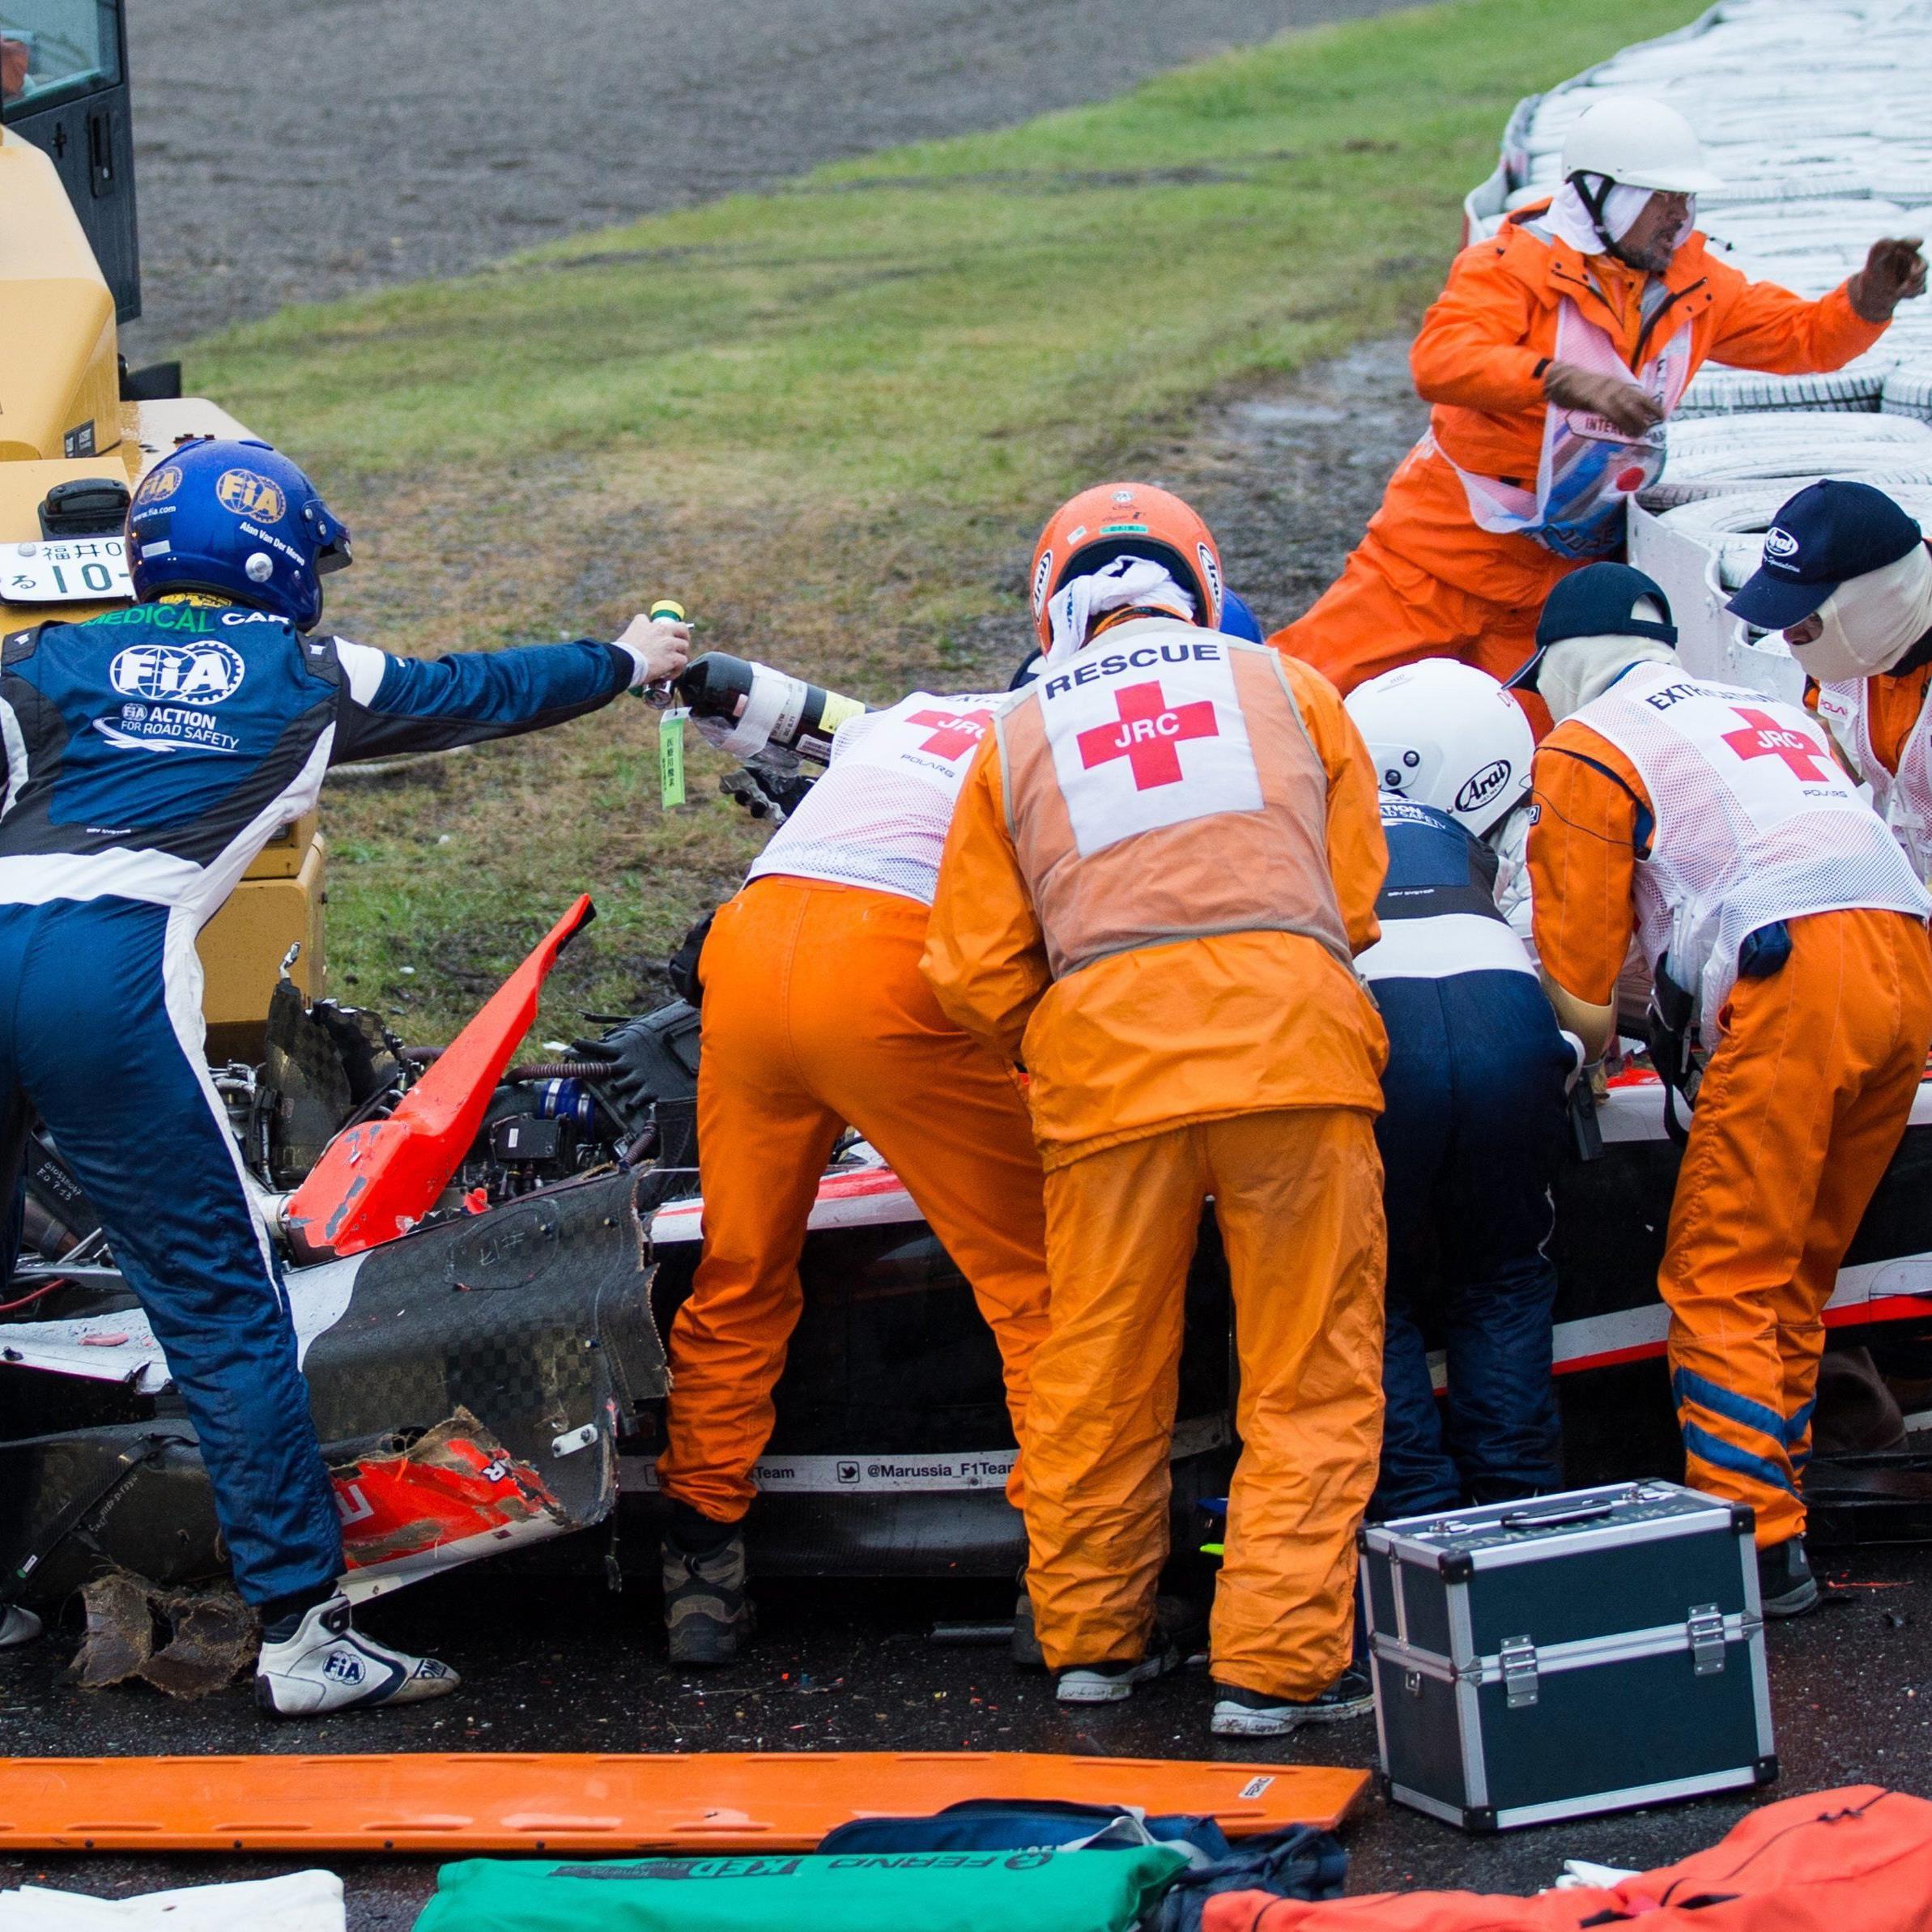 Nach dem Unfall von Jules Bianchi entflammte wieder eine Sicherheitsdiskussion in der Formel 1.